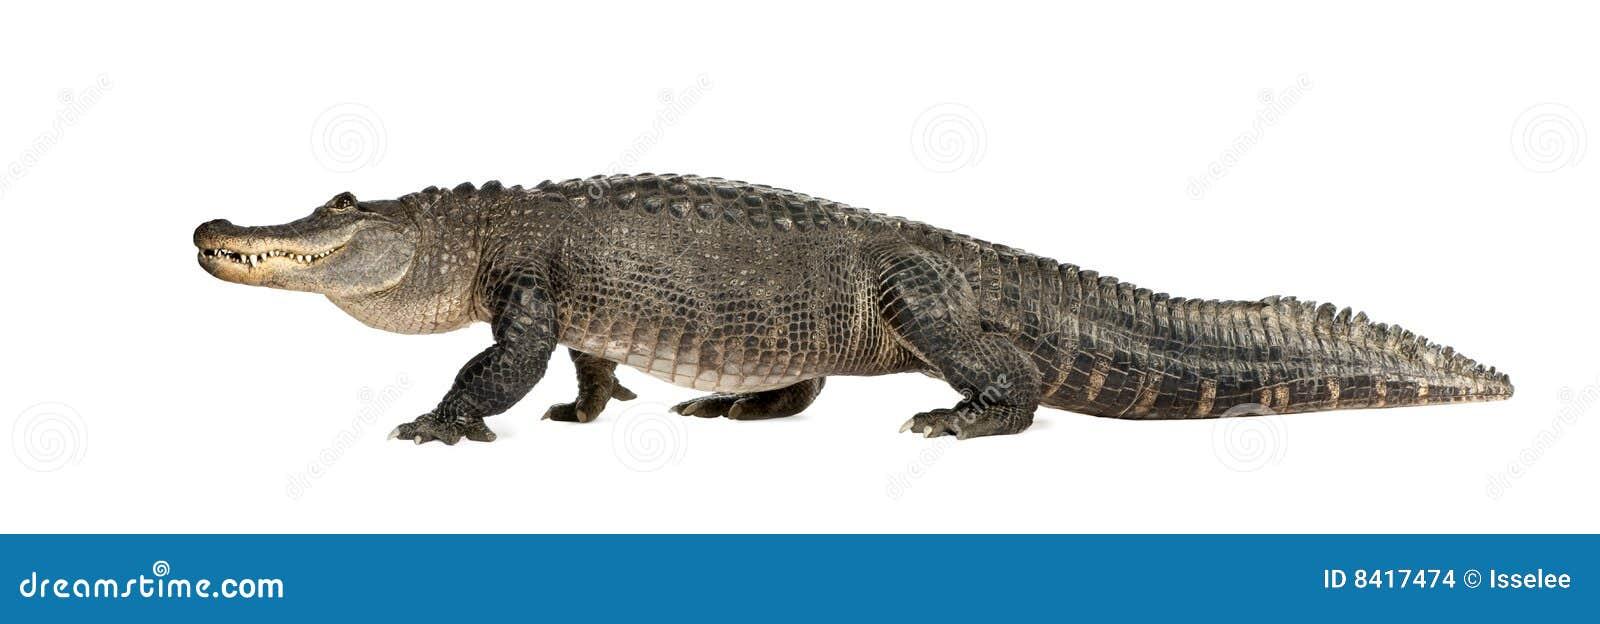 Amerikaanse Alligator (30 jaar) - Krokodillemississi